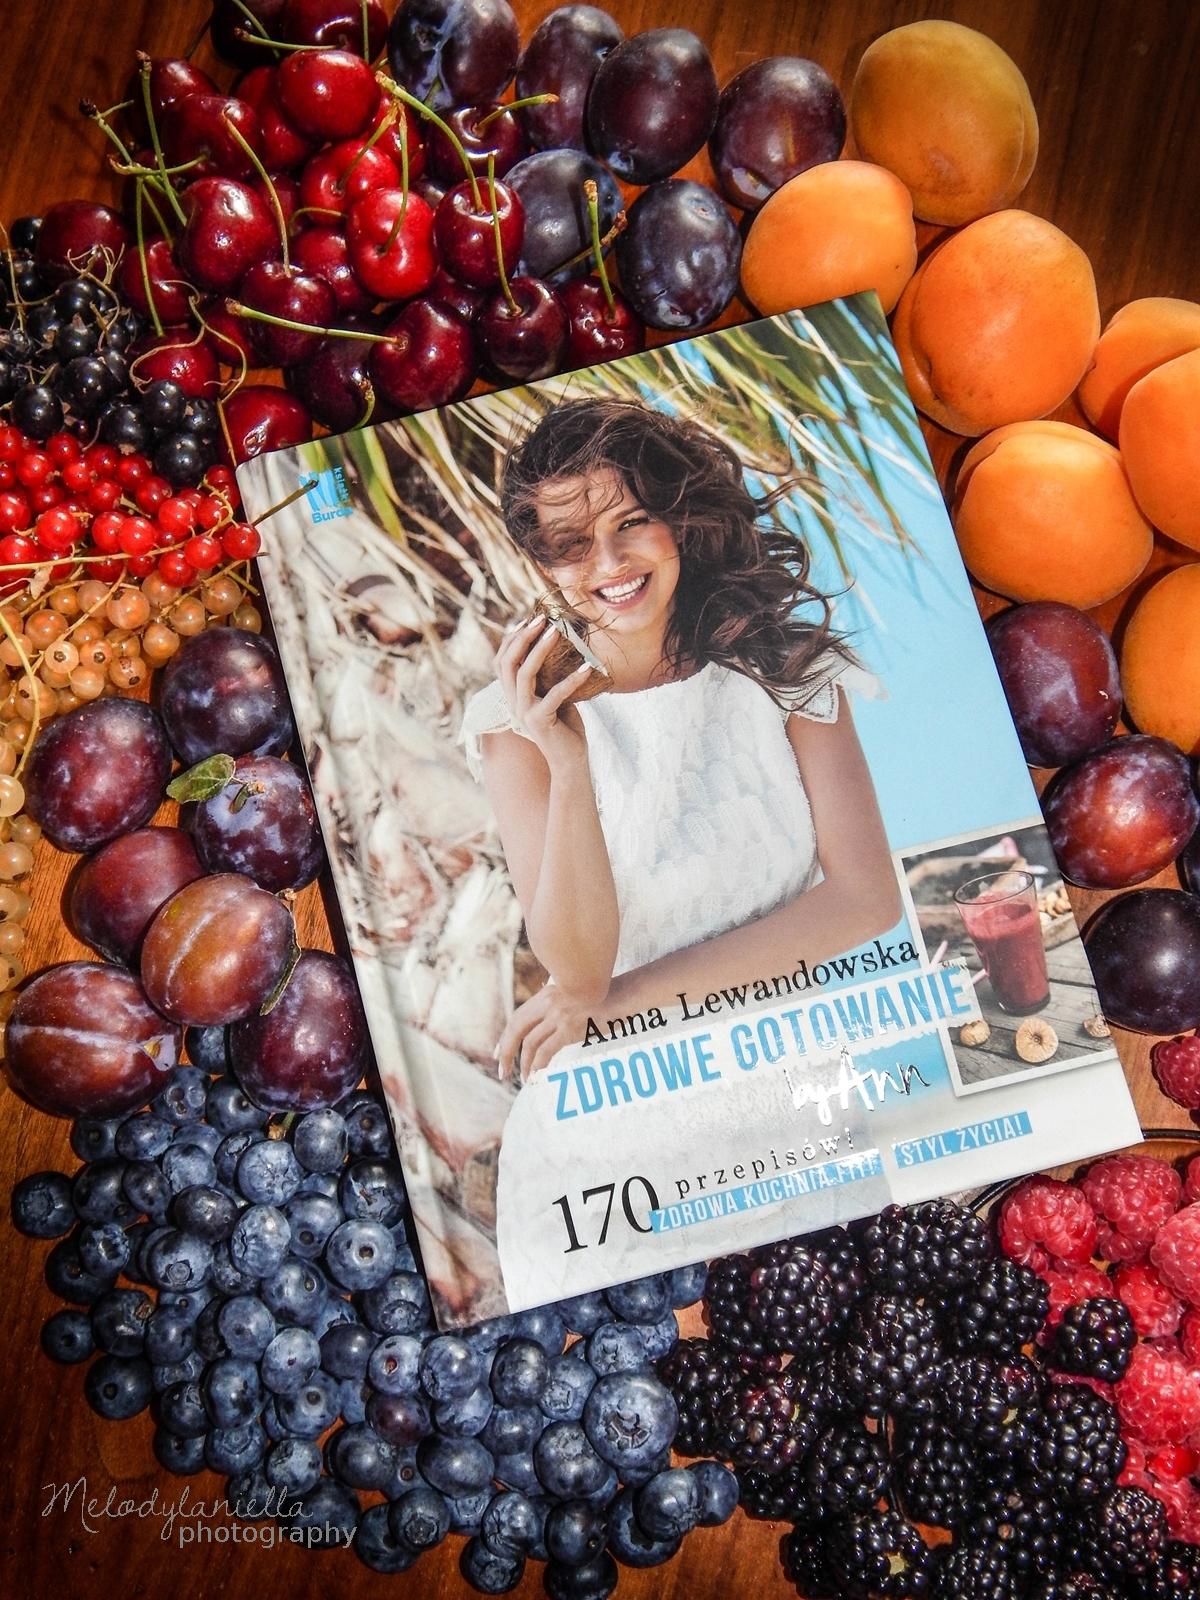 zdrowe gotowanie by ann anna lewandowska ksiazka kucharska recenzja melodylaniella jedzenie zdrowe ozywianie dieta porady fit health sportowa dieta.jpg burda ksiazki